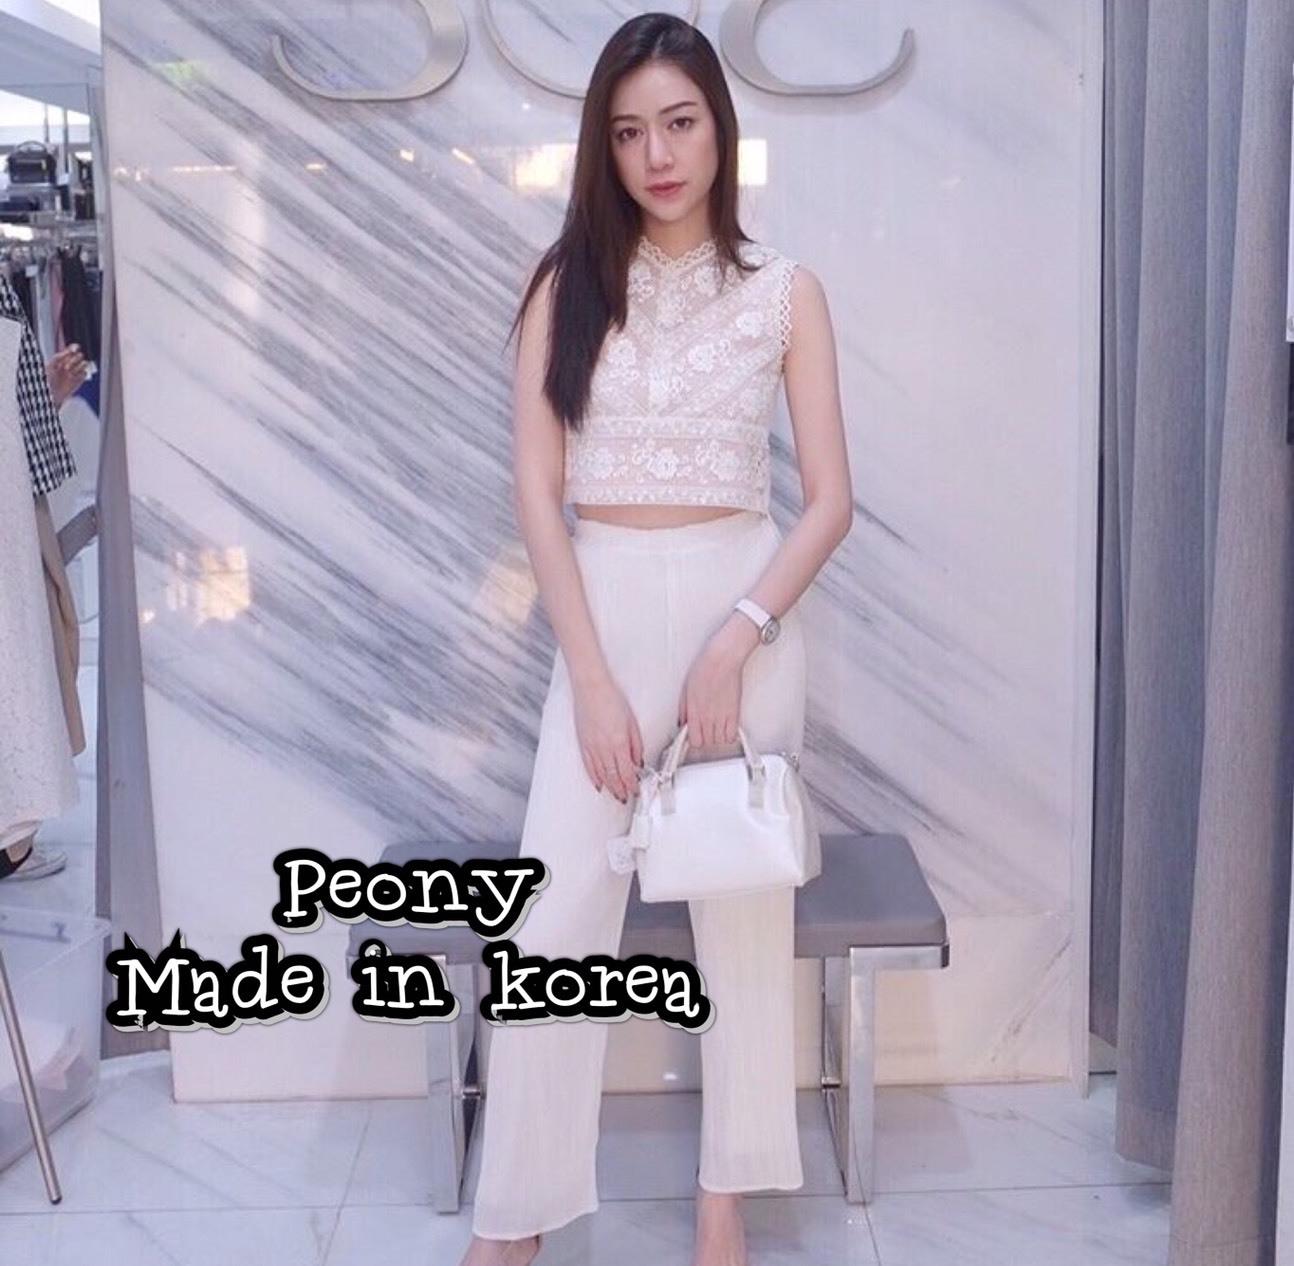 เสื้อผ้าแฟชั่นเกาหลีพร้อมส่ง เสื้อแขนกุดตัวสวยมาเข้าชุดกันกับกางเกงขายาวทรงเดฟ